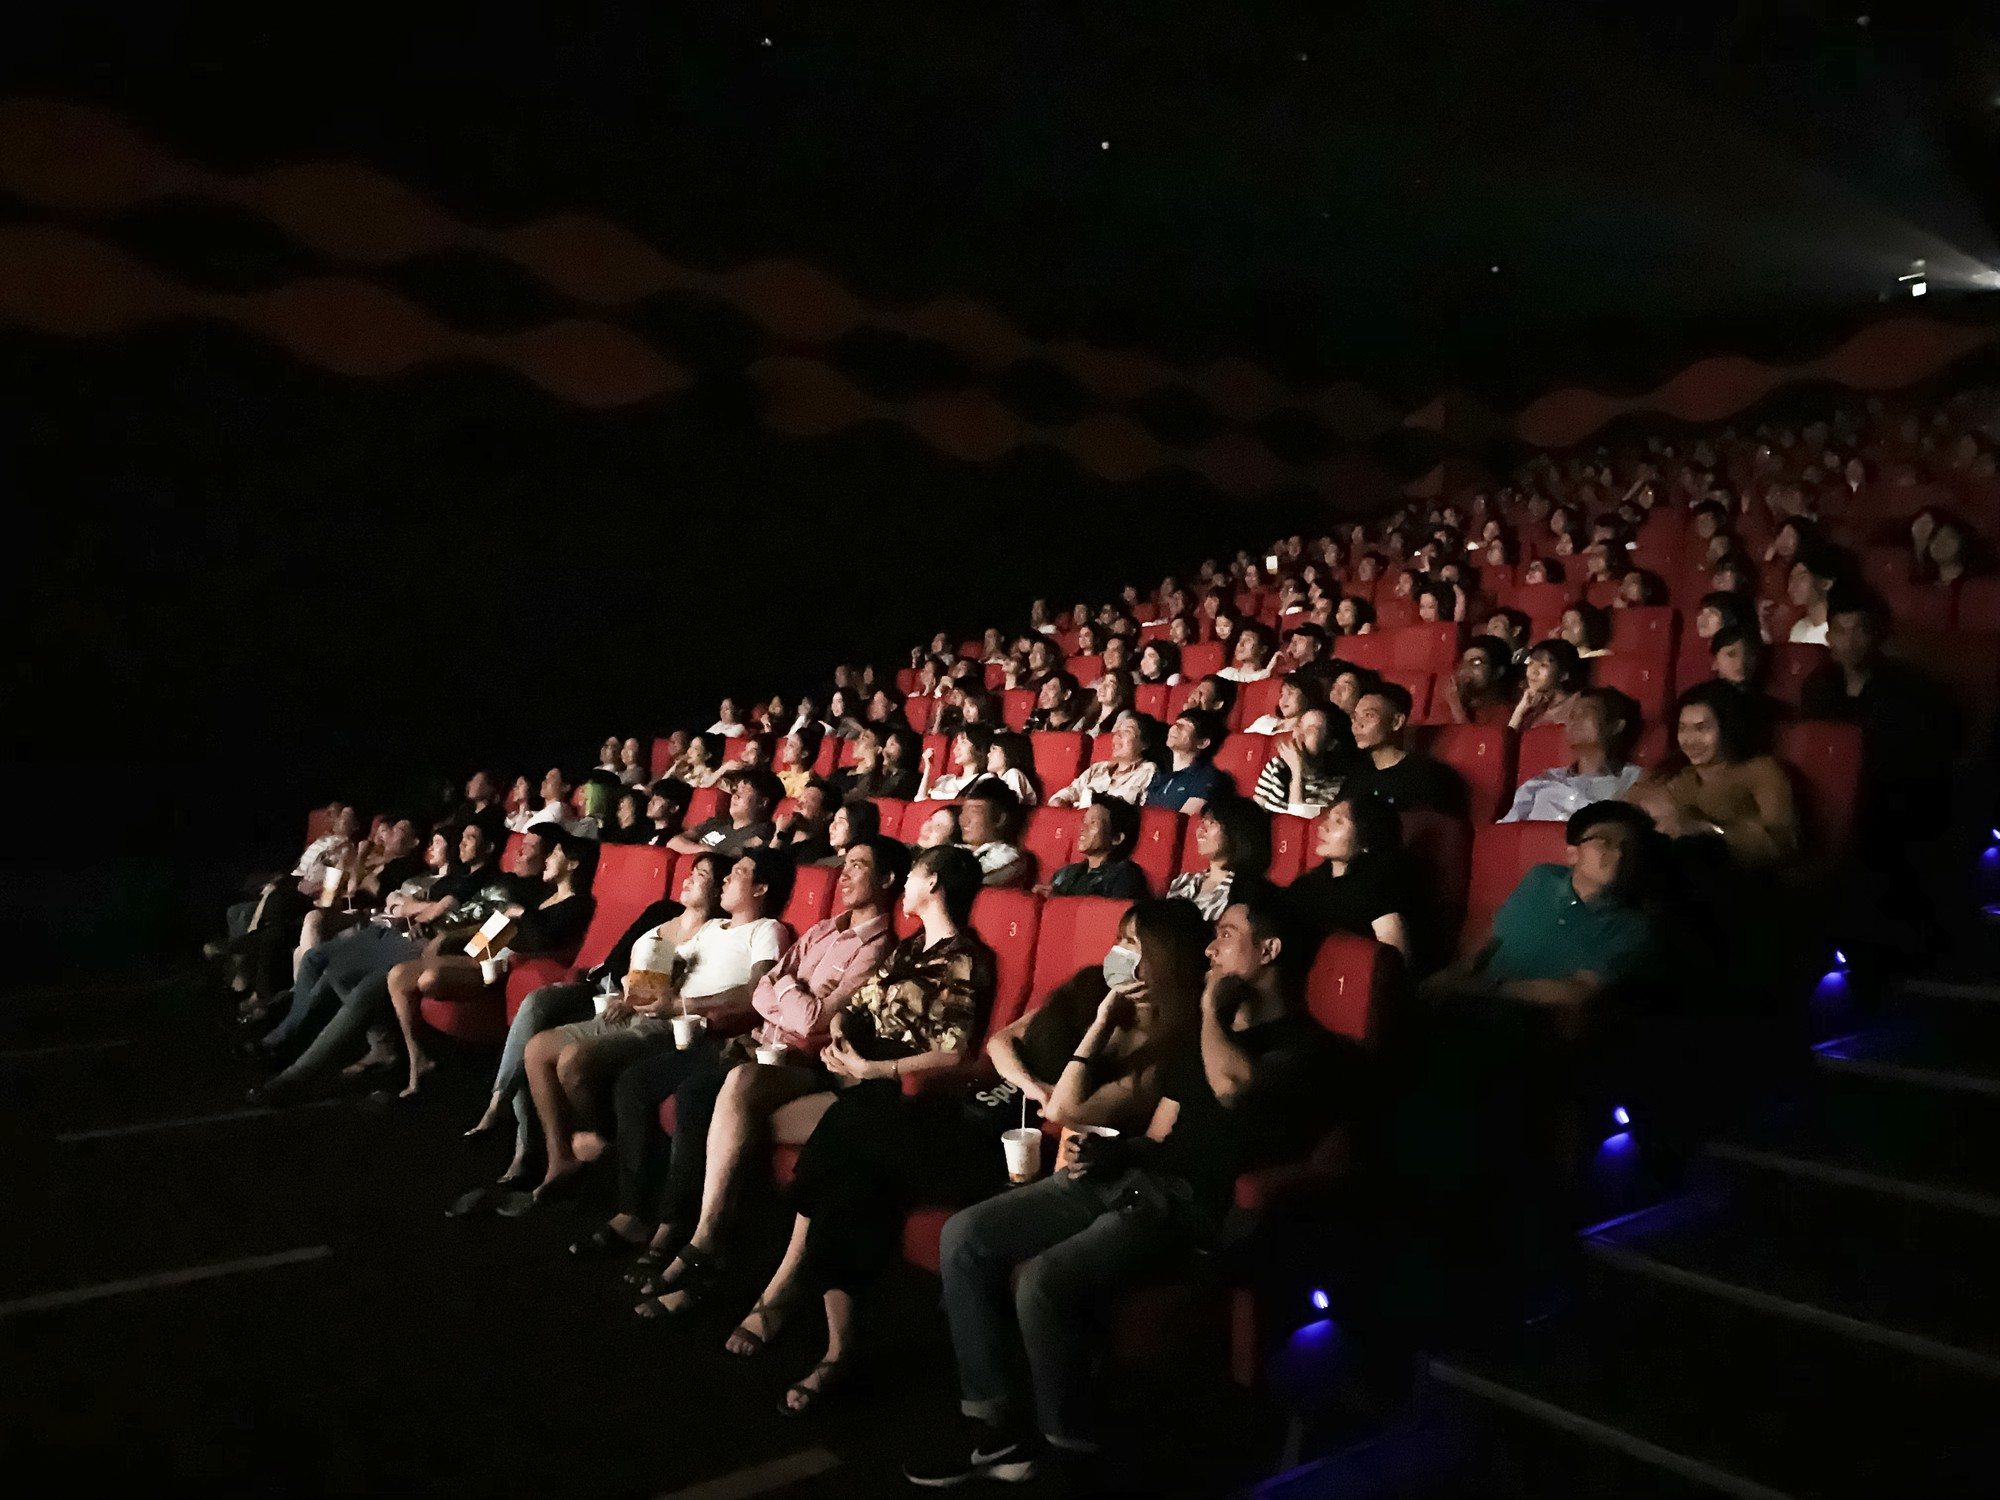 Gái Già Lắm Chiêu 2 xuất sắc thu về hơn 15 tỷ doanh thu chỉ trong 2 ngày công chiếu - Ảnh 2.